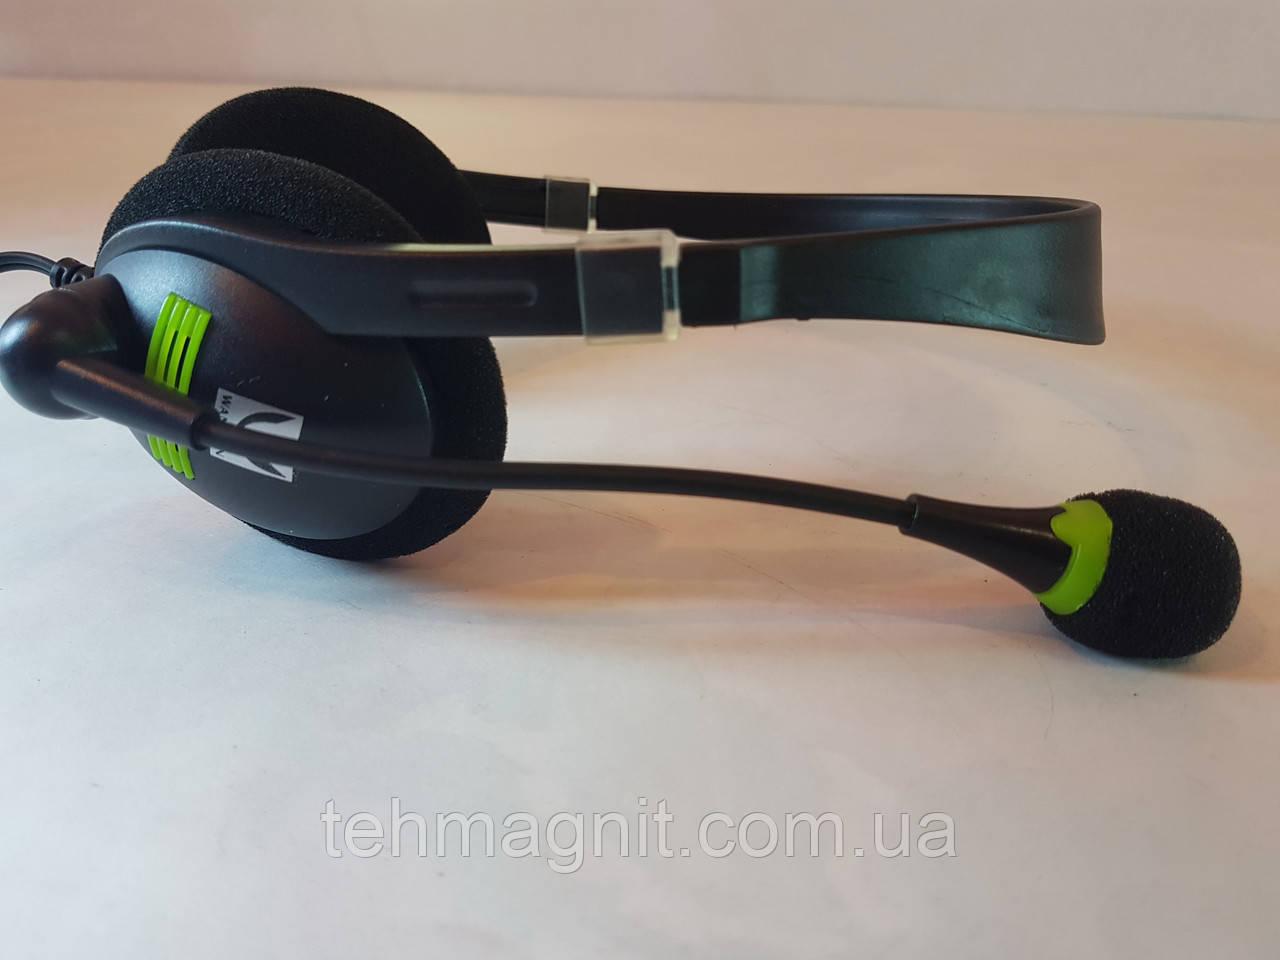 Навушники для комп'ютера з мікрофоном WX520MV